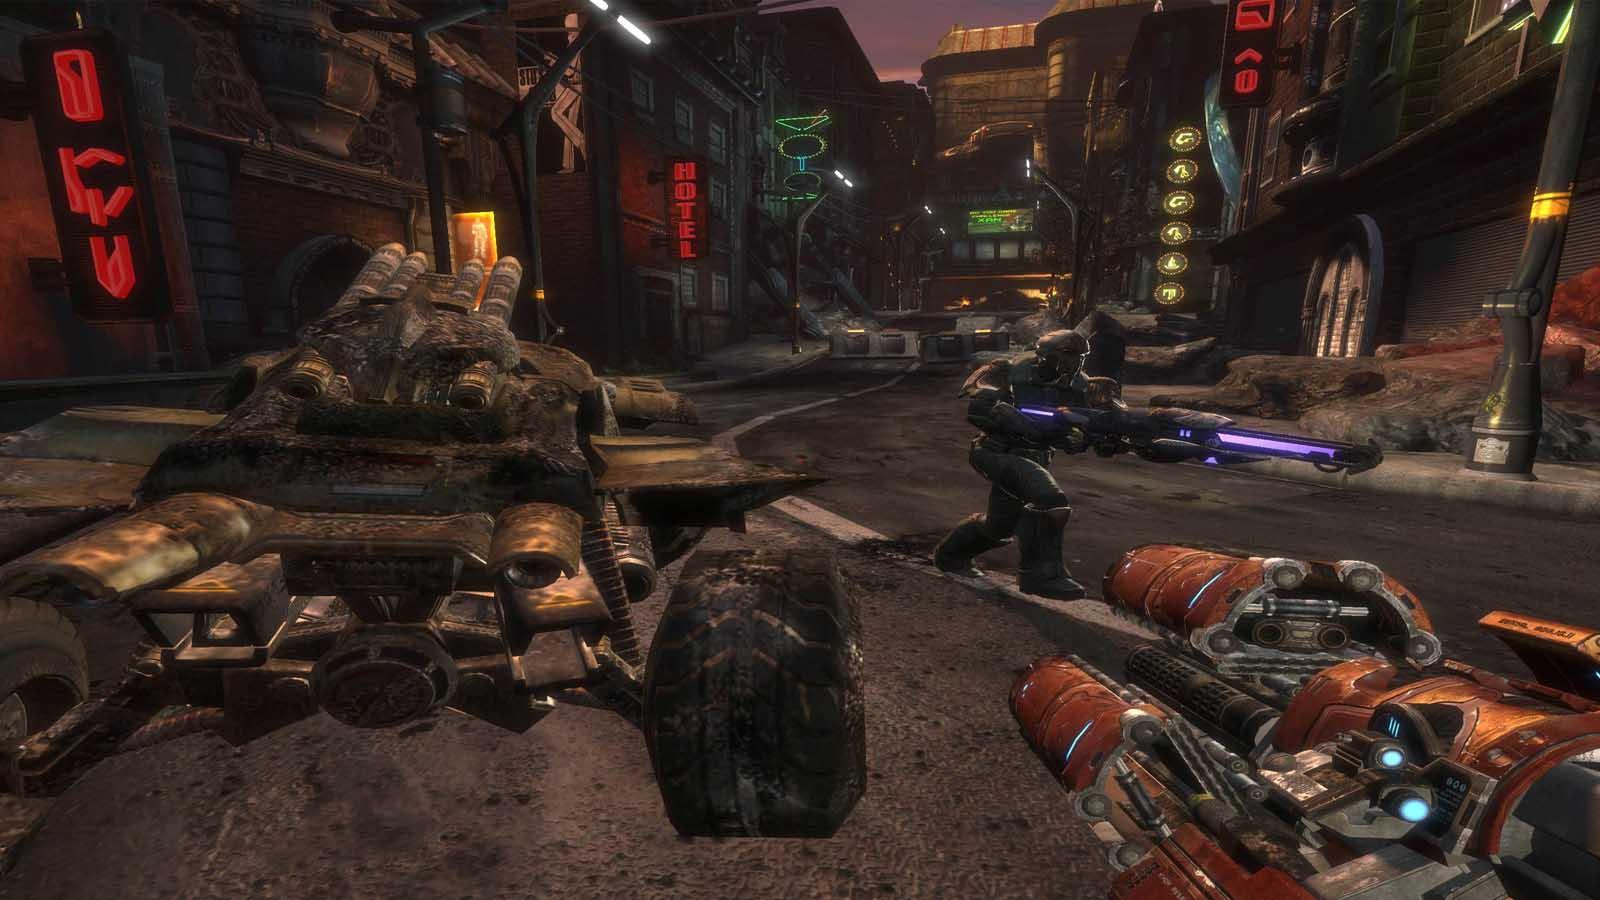 تحميل لعبة Unreal Tournament 2004 مضغوطة برابط واحد مباشر + تورنت كاملة مجانا